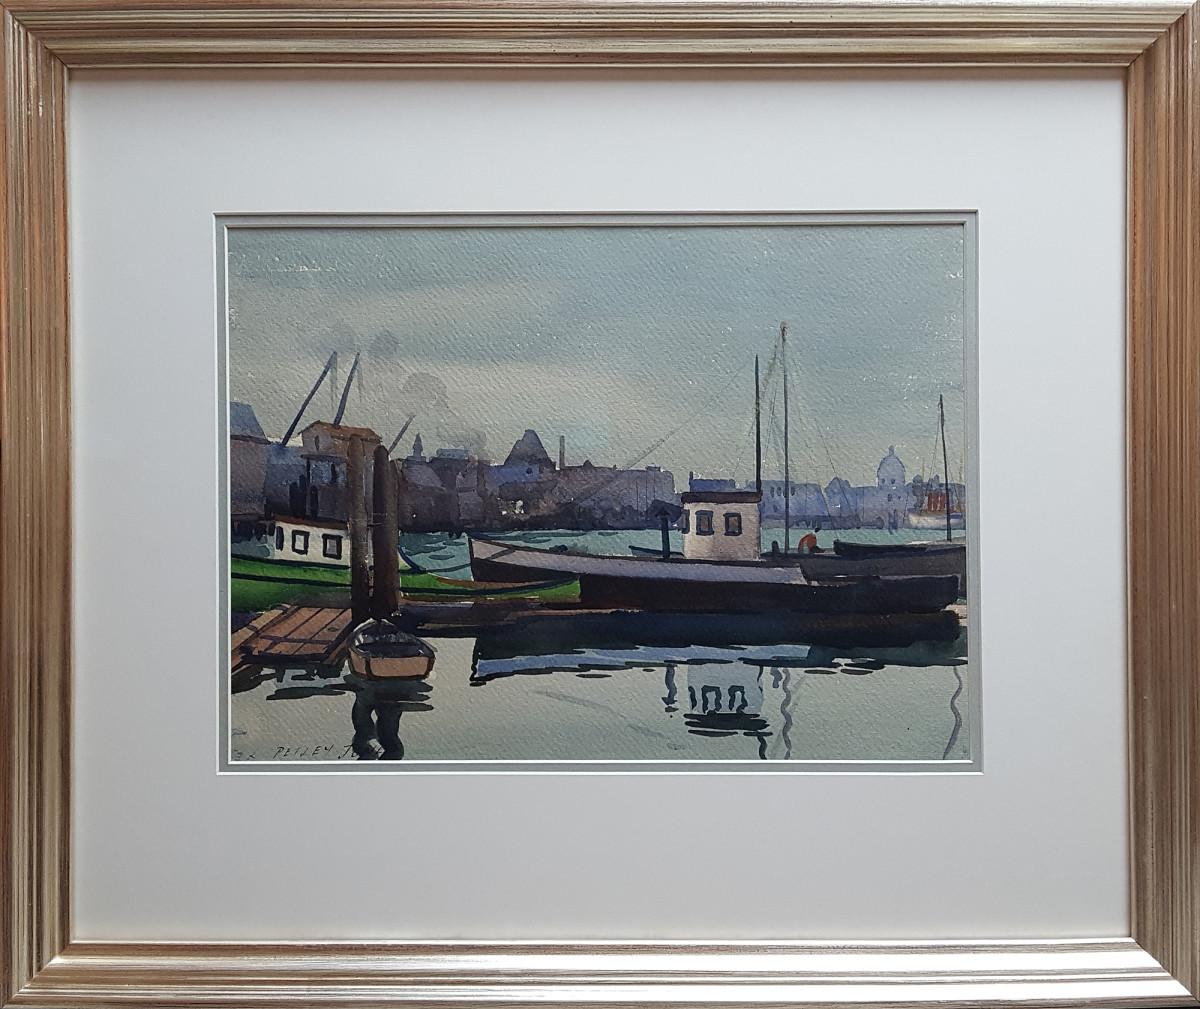 2389 - Victoria Harbour 1933 by Llewellyn Petley-Jones (1908-1986)